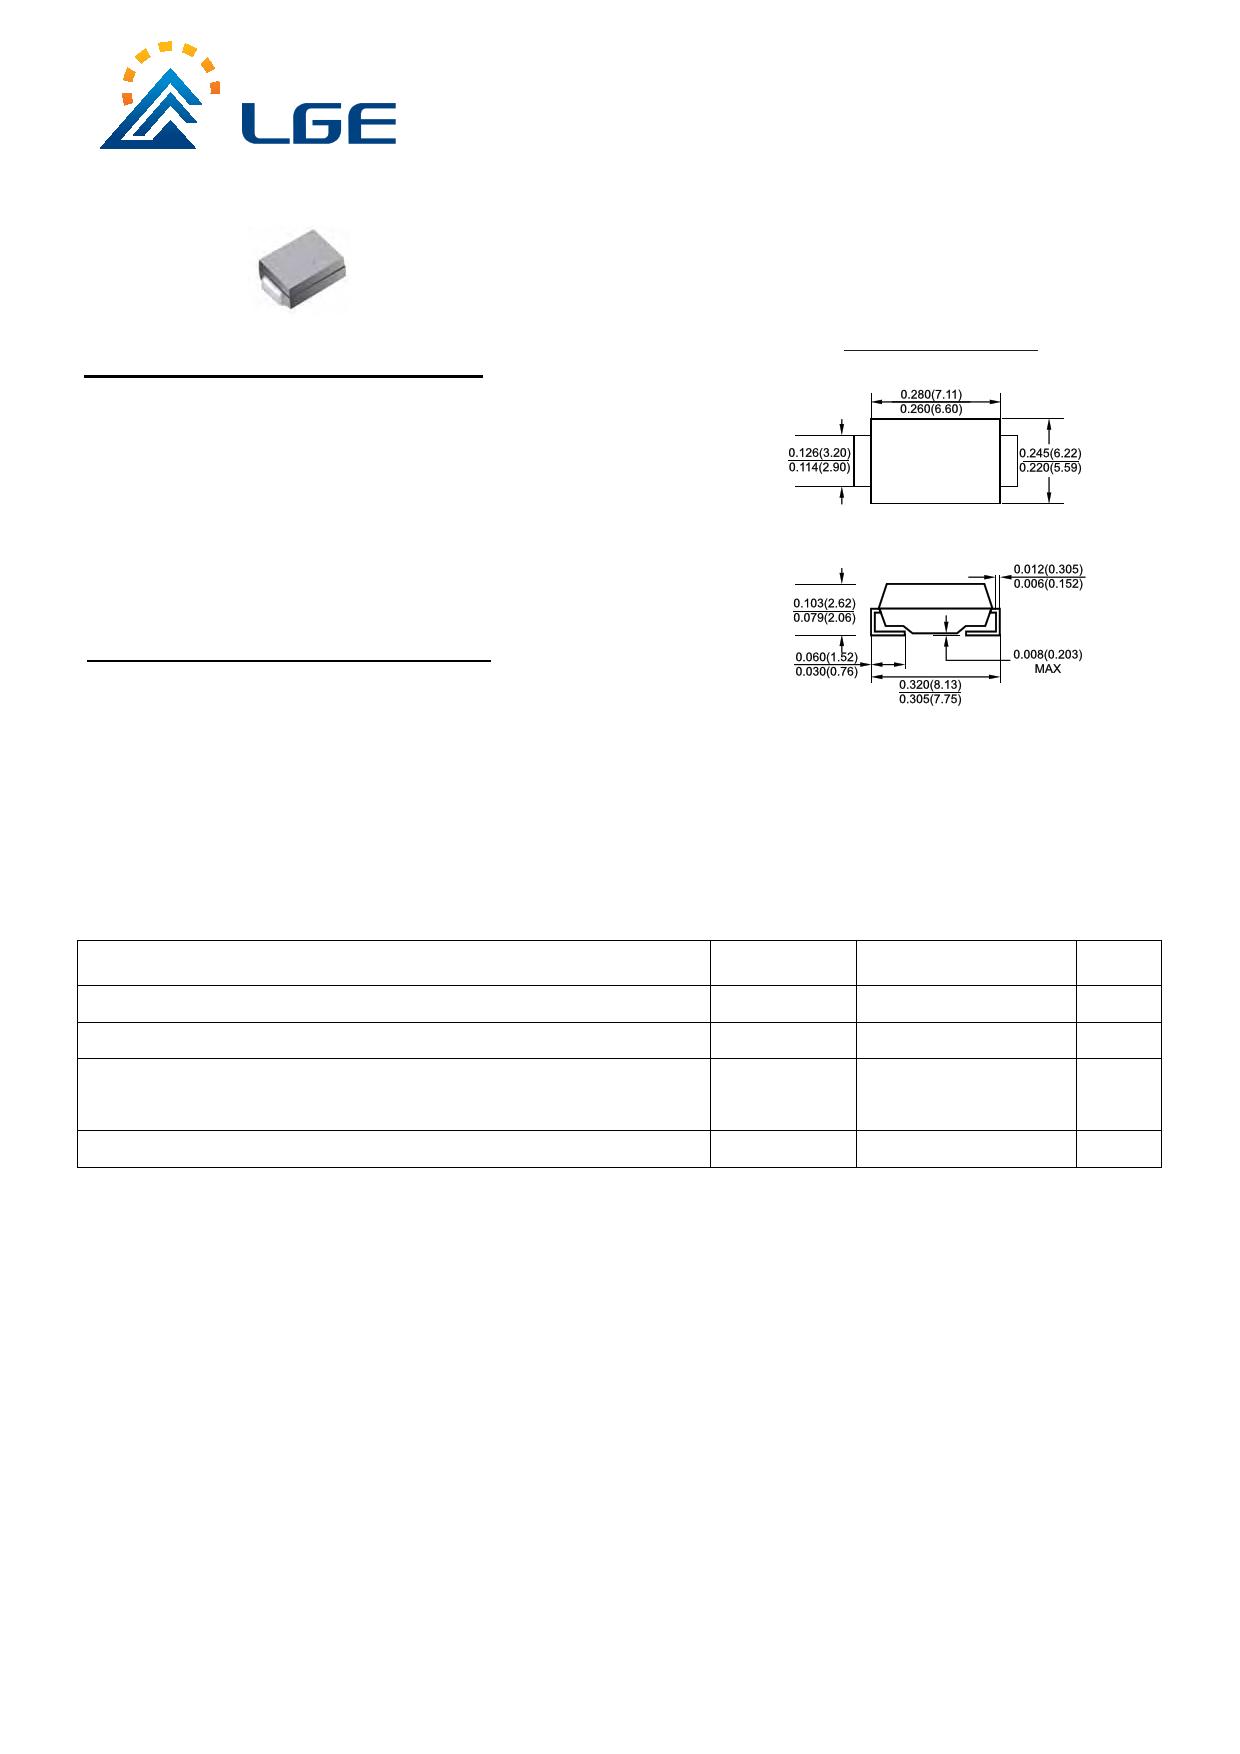 3.0SMCJ160C Datasheet, 3.0SMCJ160C PDF,ピン配置, 機能